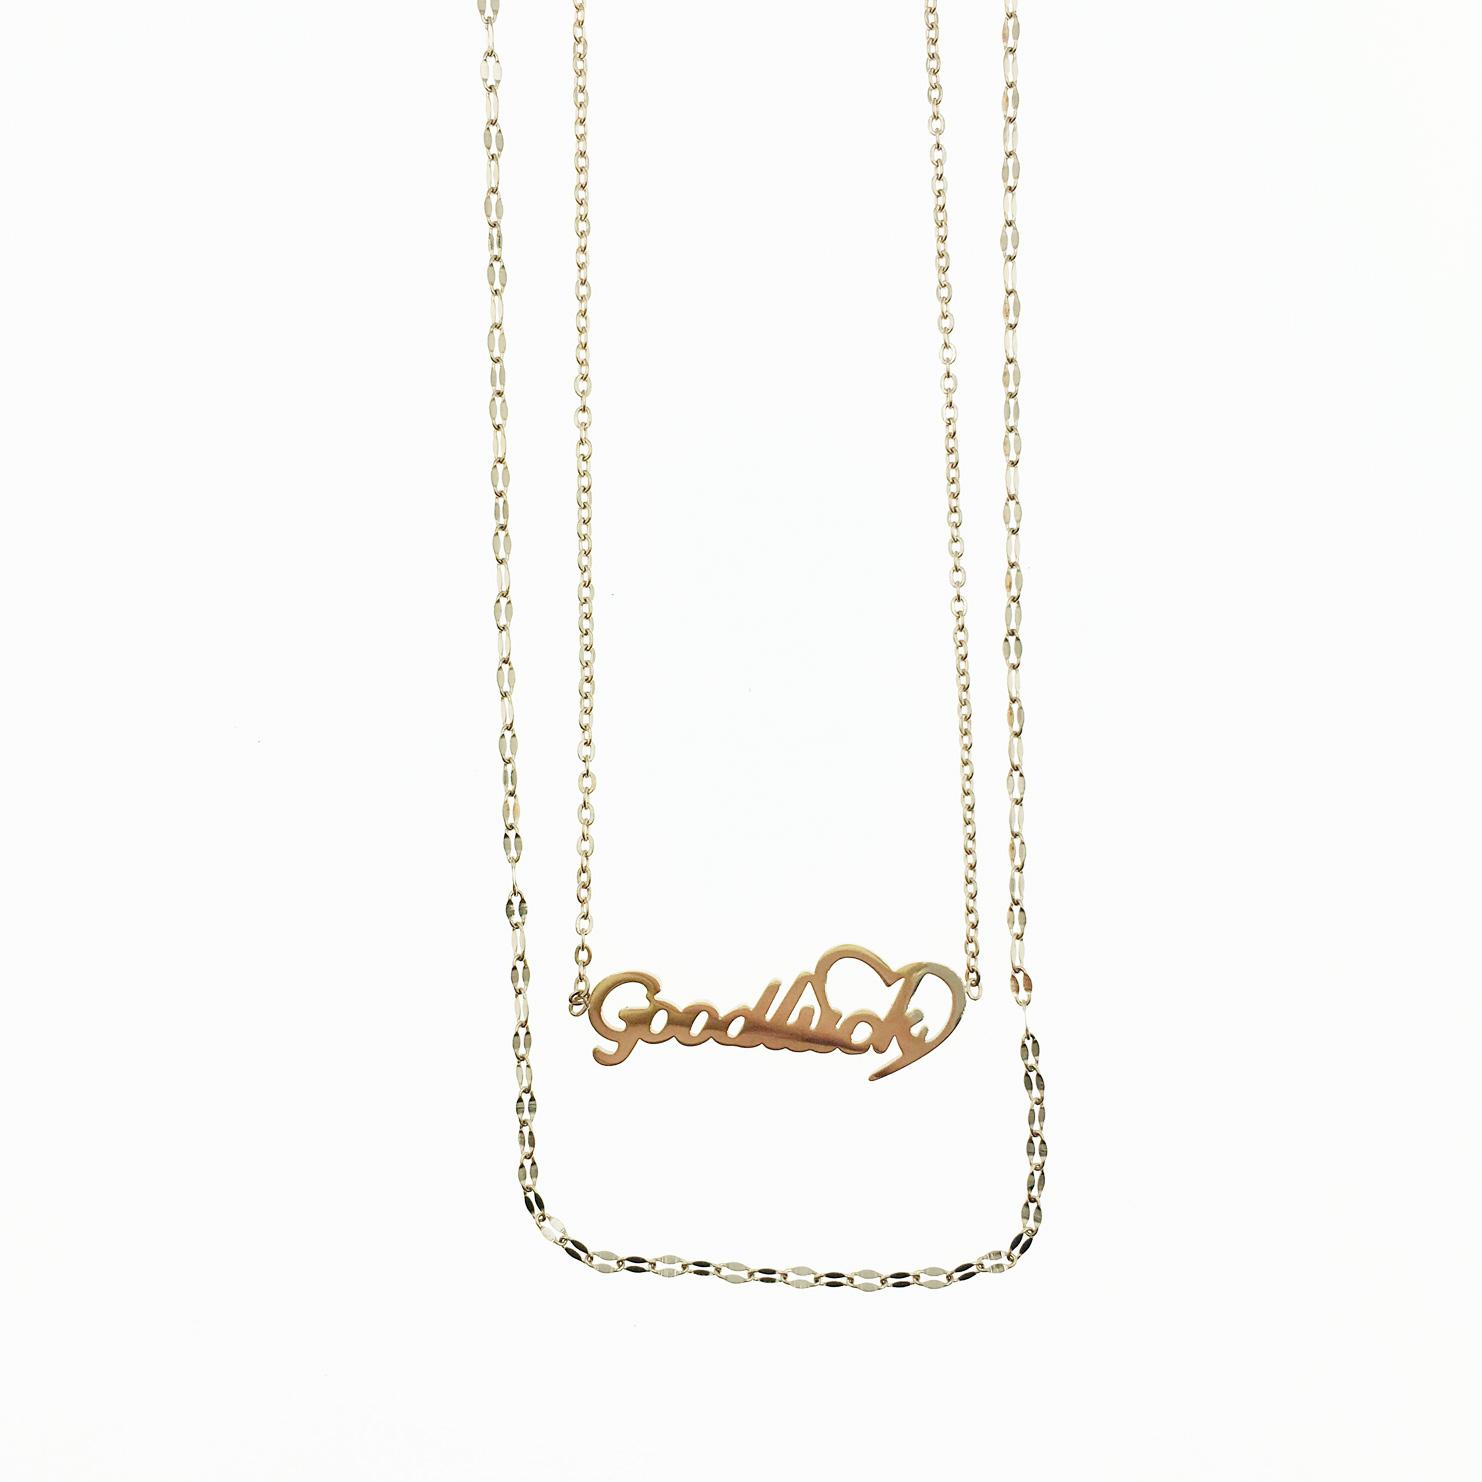 韓國 不鏽鋼 英文字 雙鍊 玫瑰金 項鍊